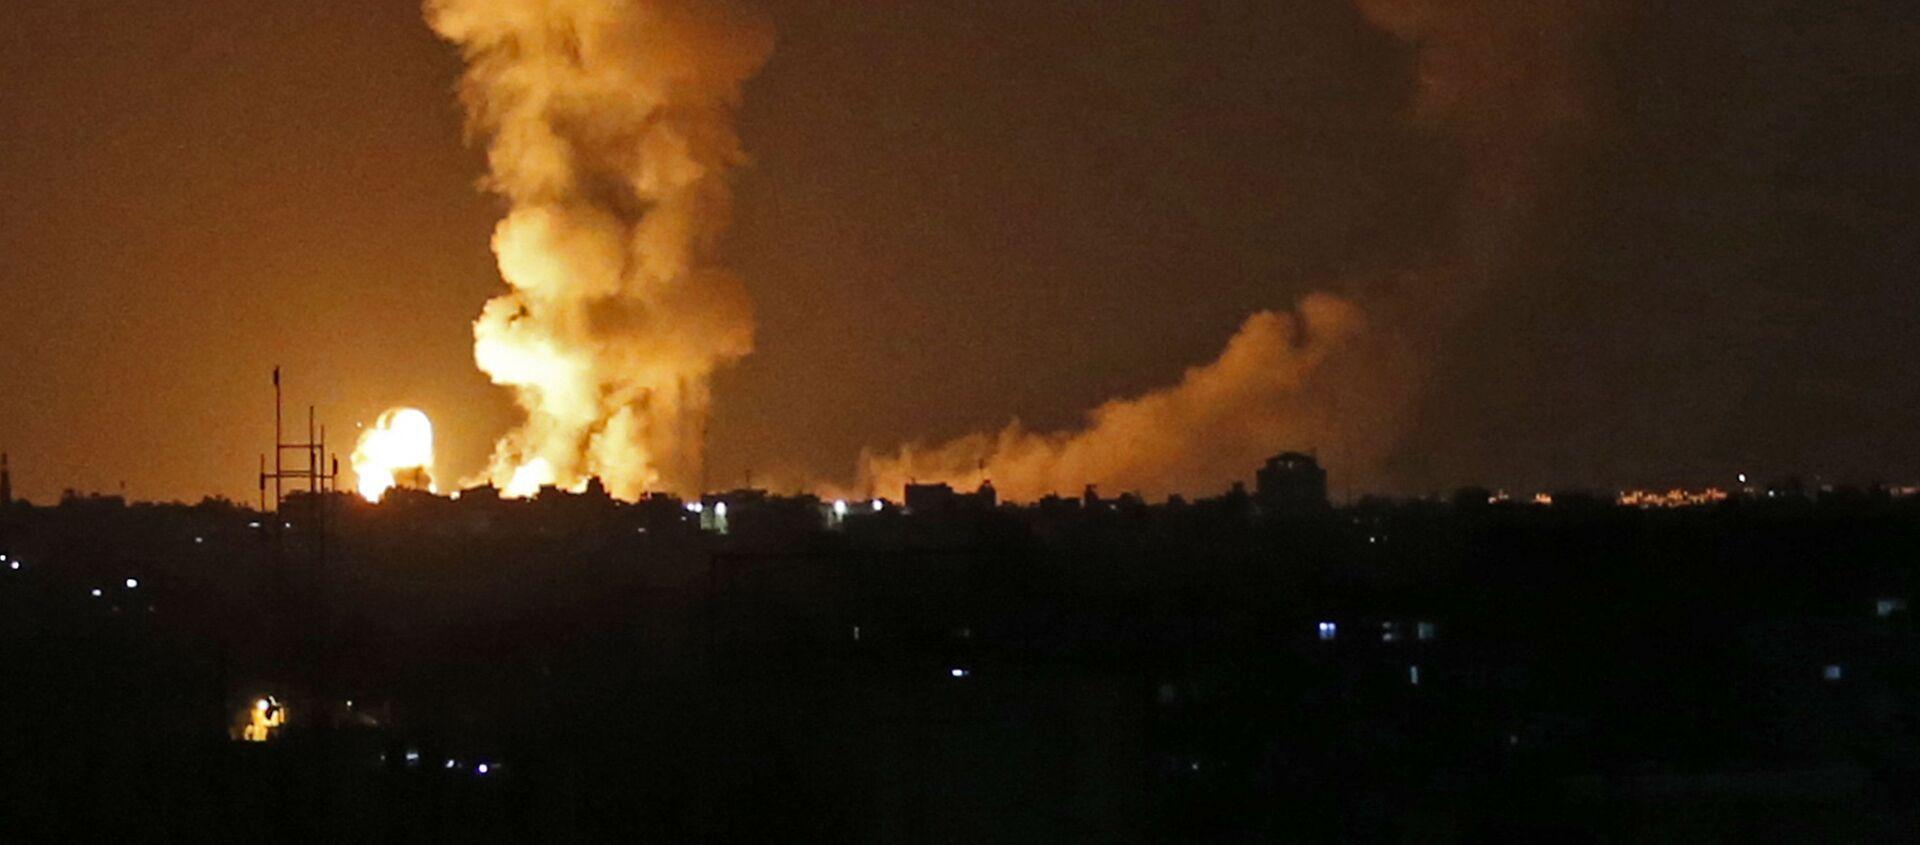 Последствия бомбардировки израильскими самолетами Сектора Газа - Sputnik Polska, 1920, 10.05.2021